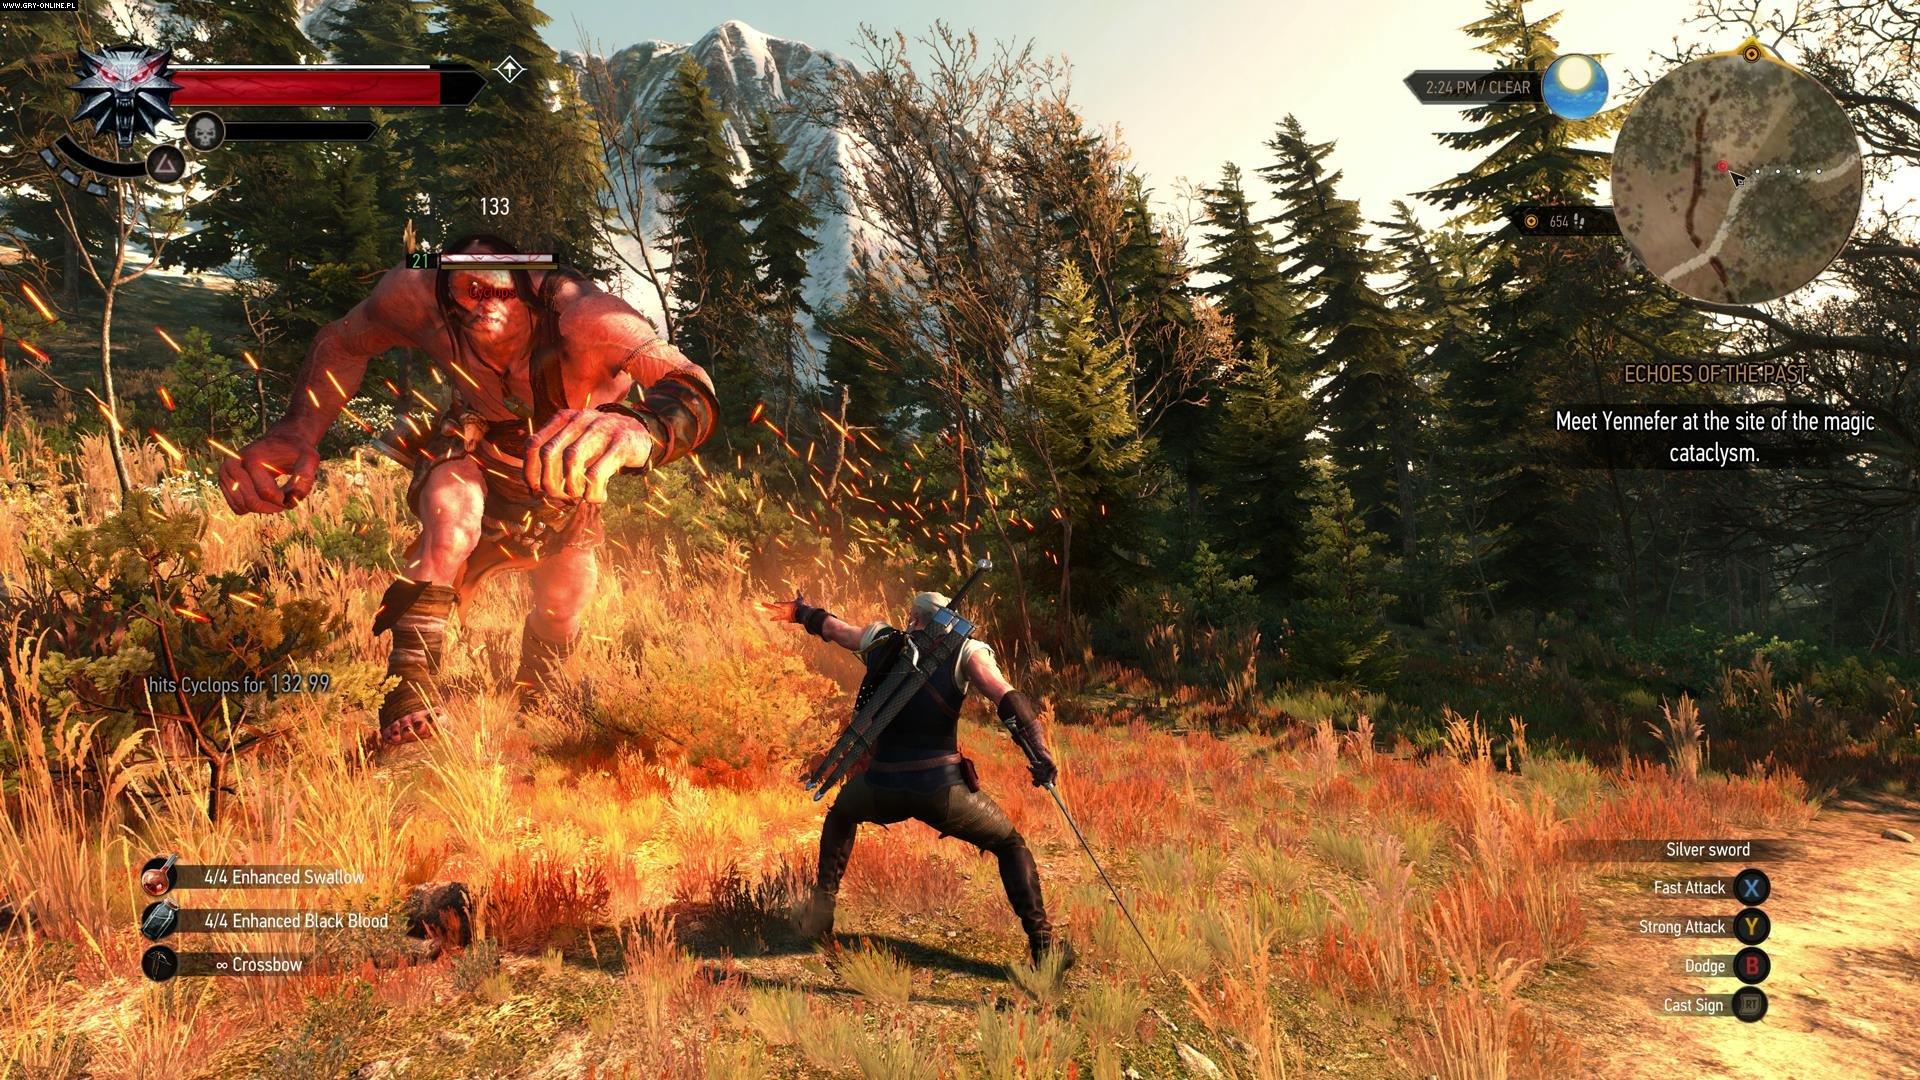 336251075.jpg - Witcher 3: Wild Hunt, the